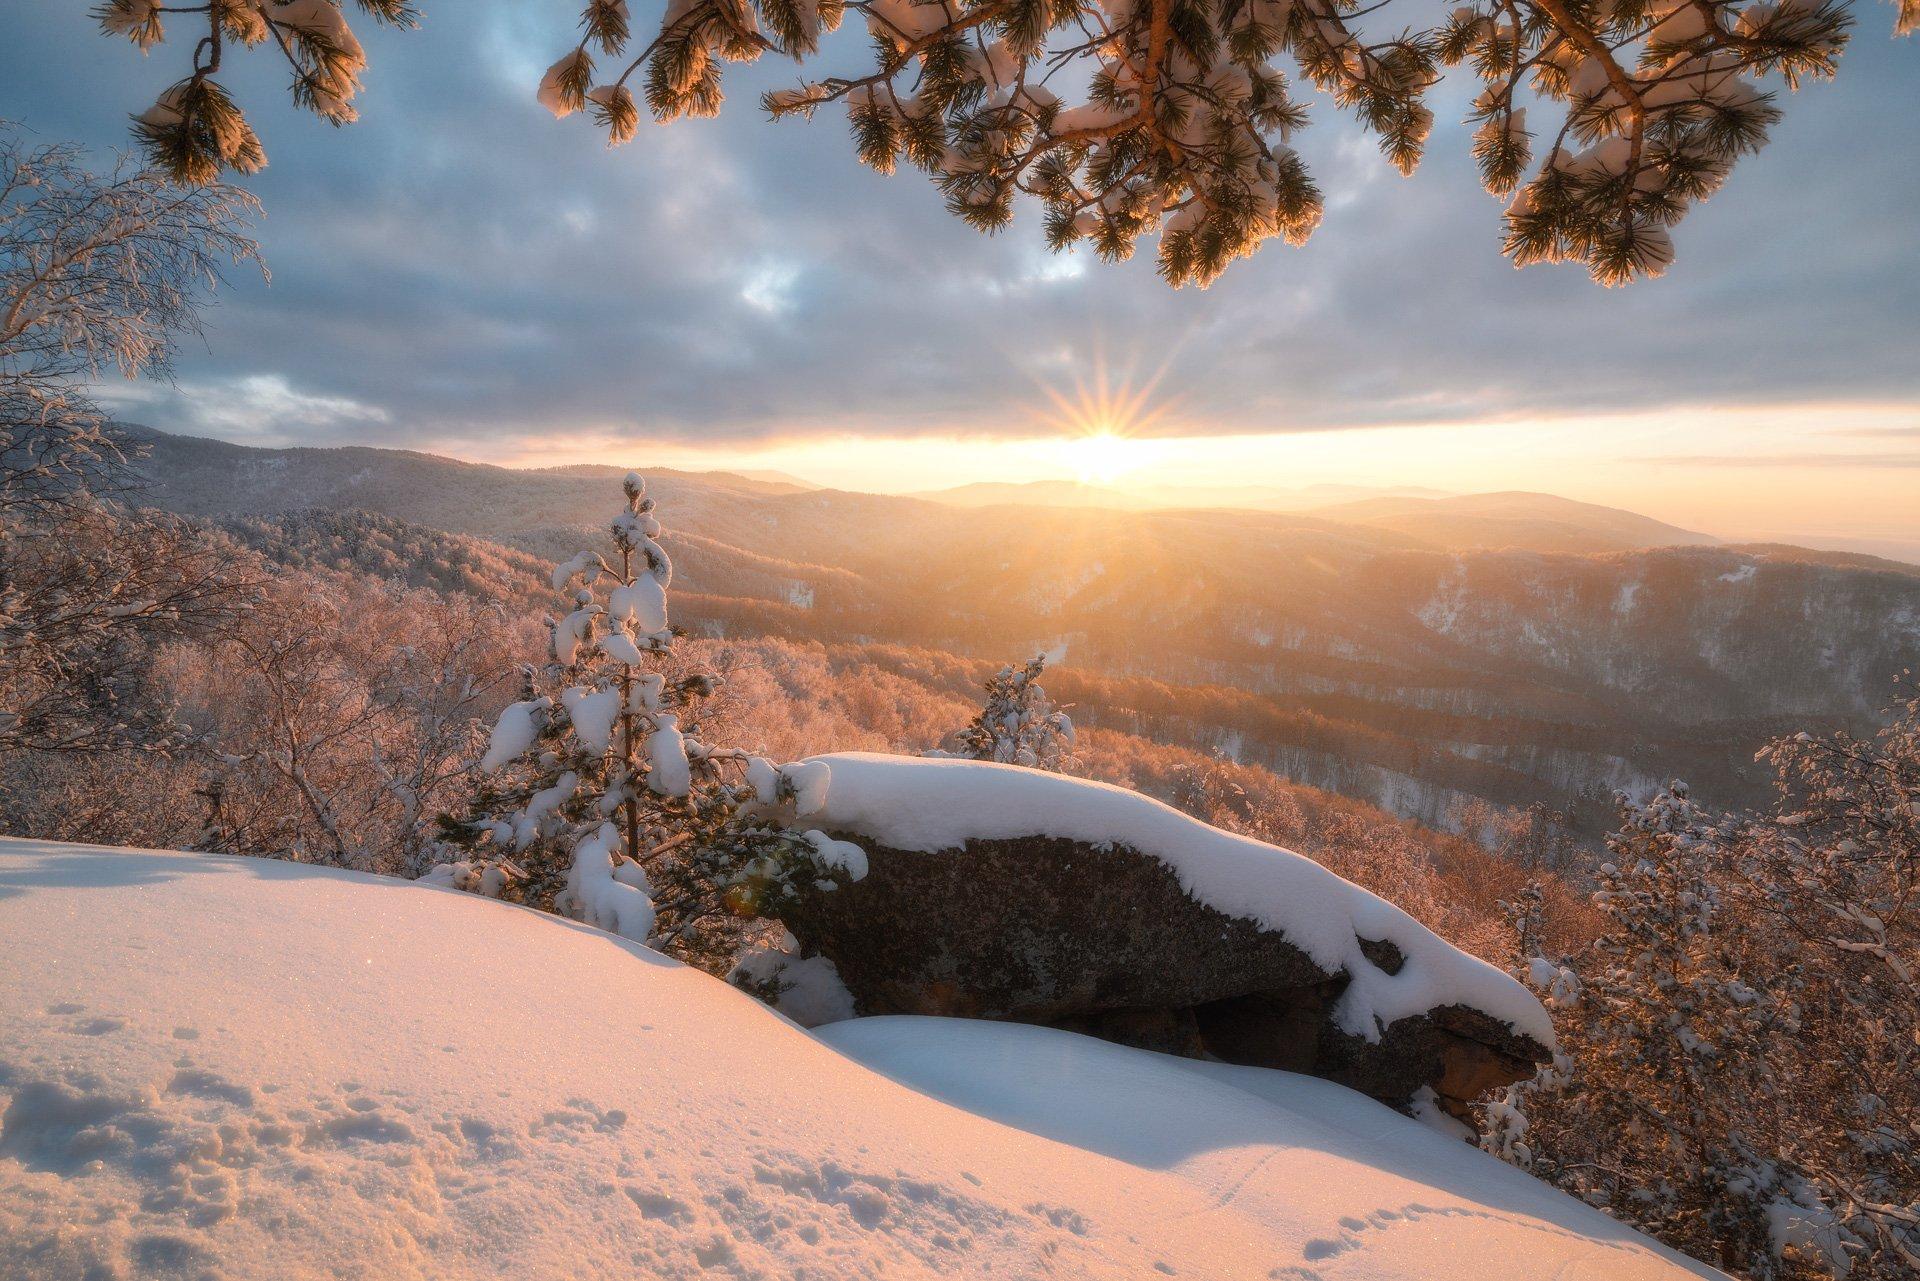 алтай, зима, снег, закат, солнце, горы, лес, вечер, скалы, Павел Силиненко